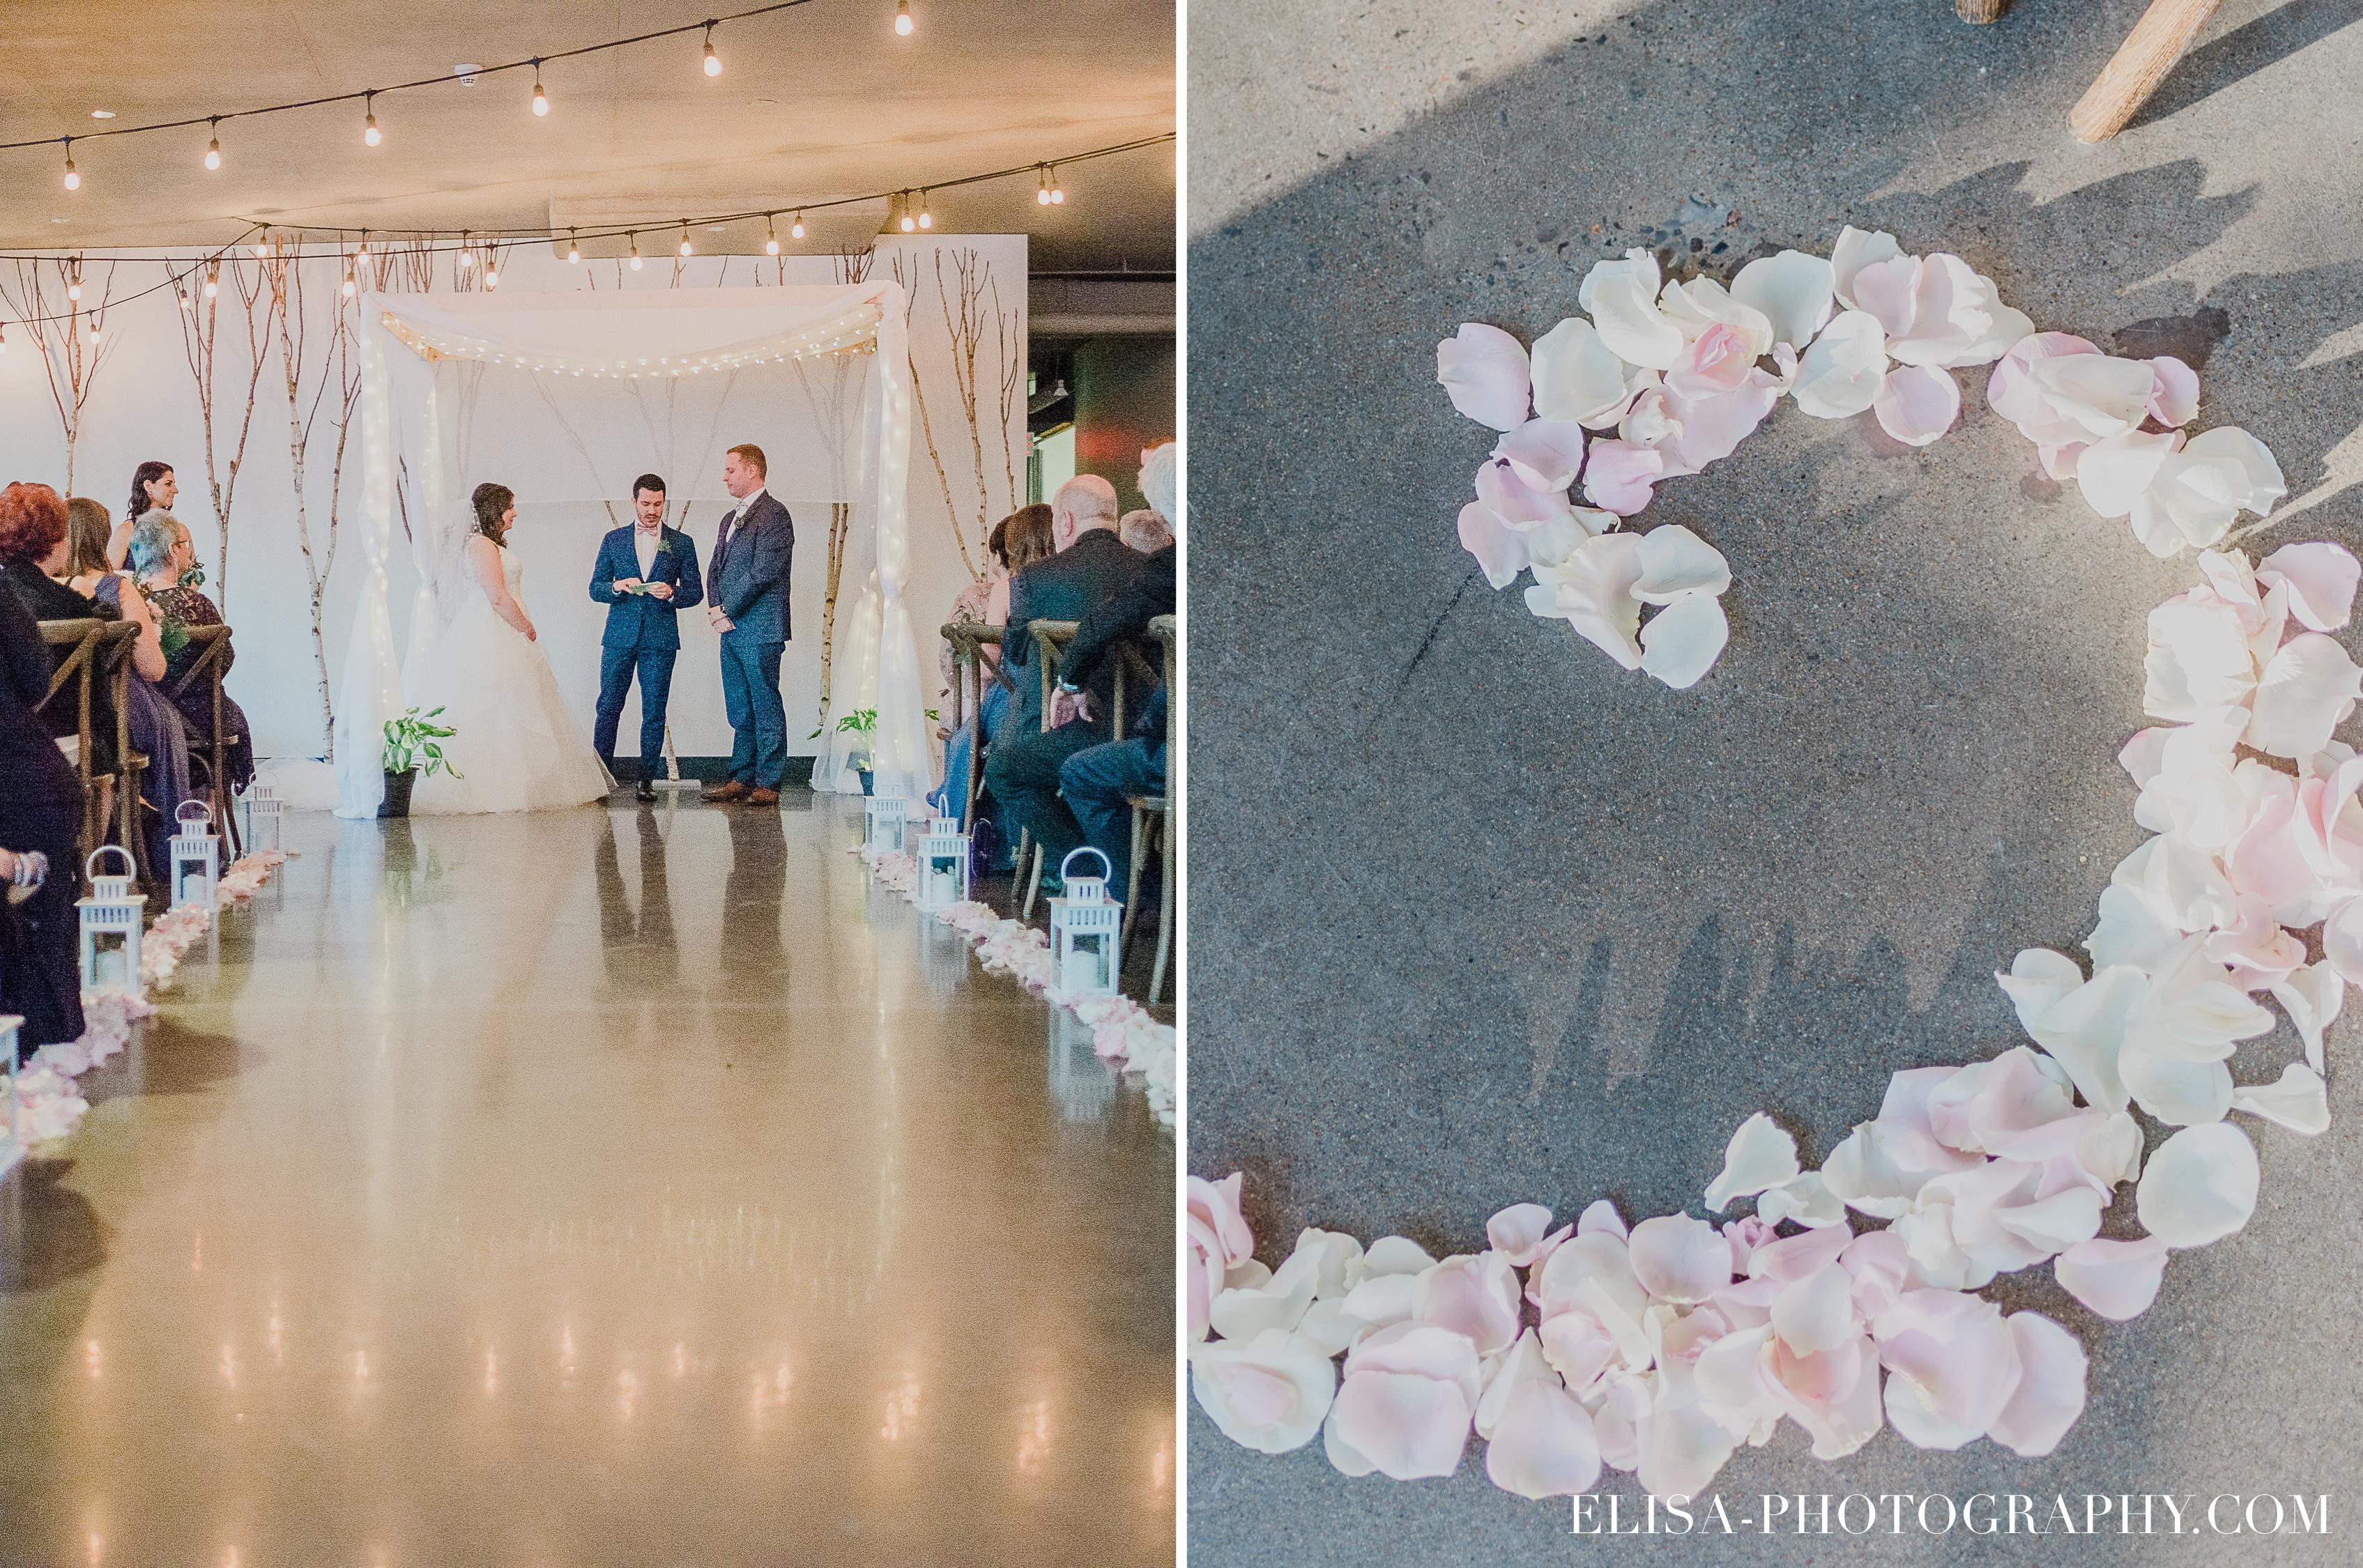 photo mariage quai cap blanc port de quebec ceremonie allee petales rose  - Un chaleureux mariage hivernal à la salle du Quai du Cap Blanc, Québec